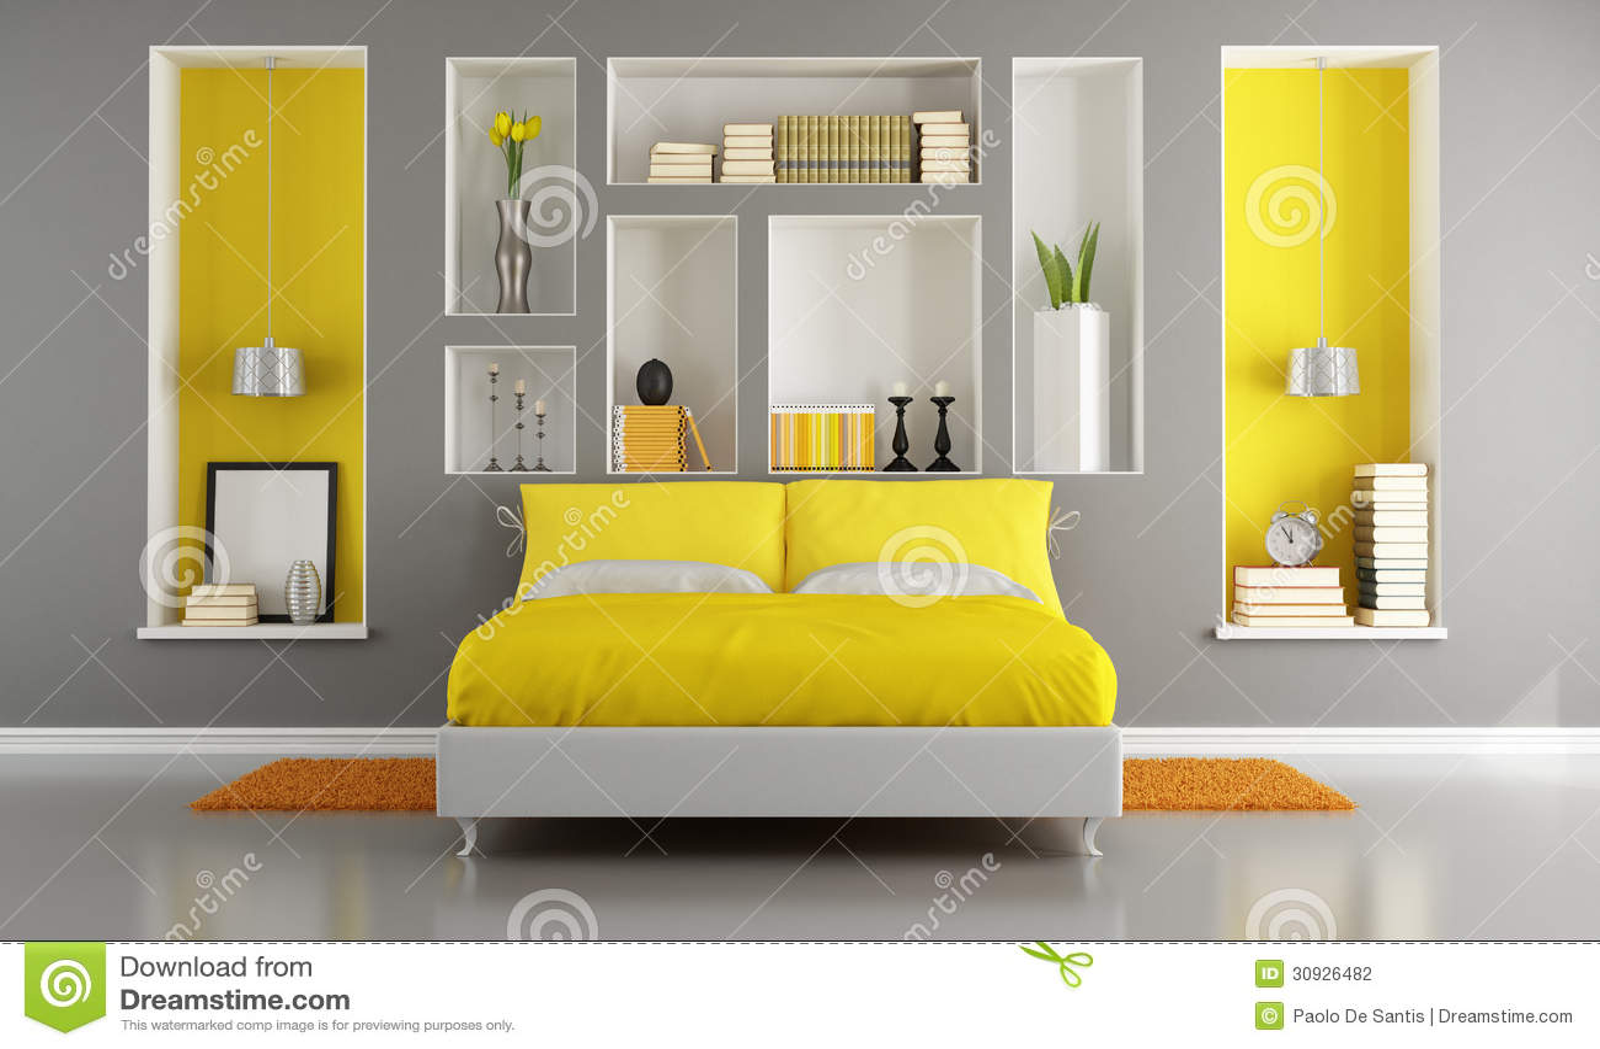 Chambre Coucher Moderne Jaune Et Grise Photographie